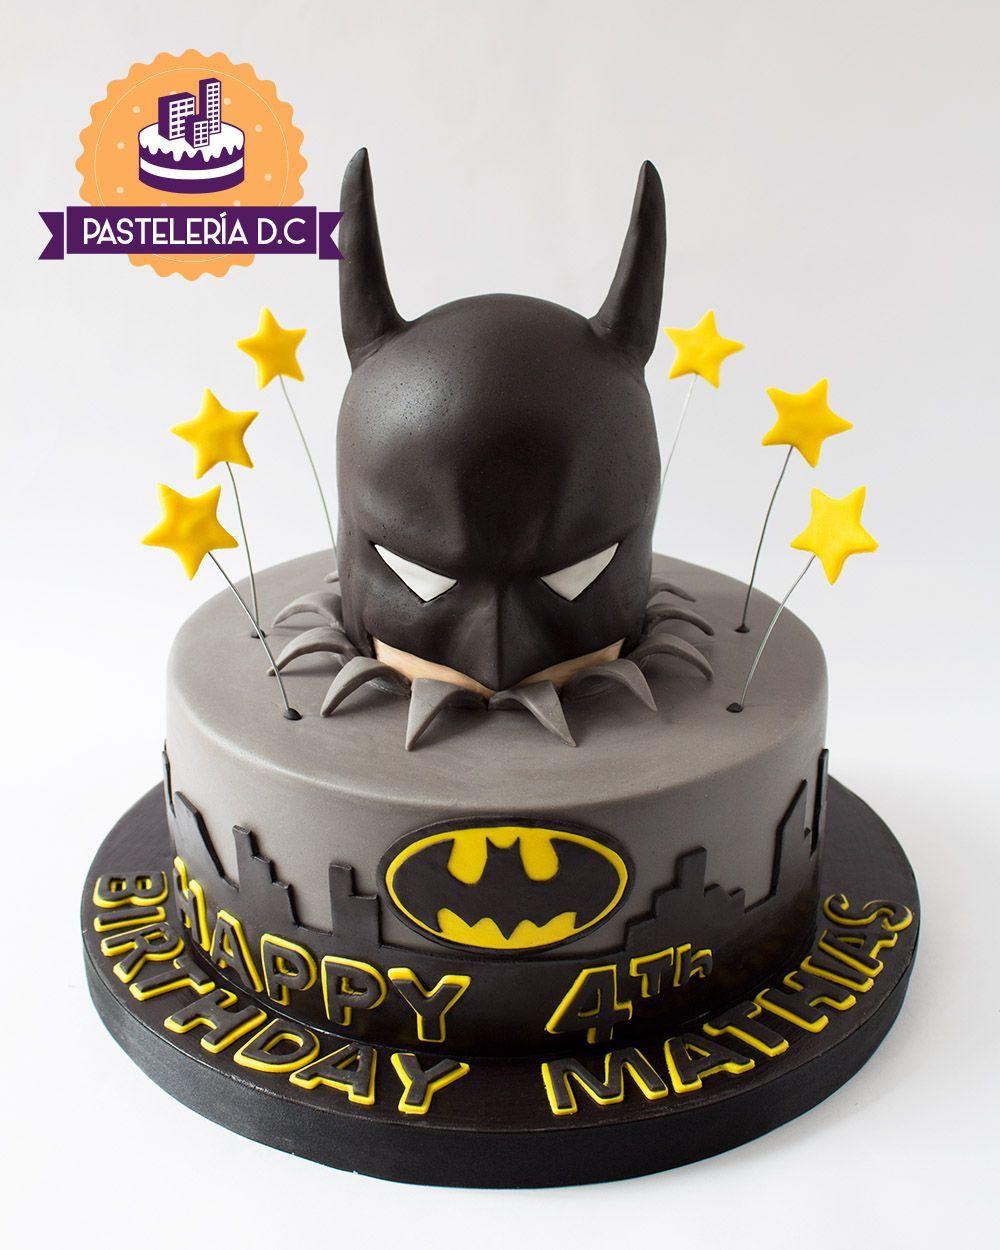 Cool 21 Linda Pasteles De Cumpleanos De Walmart Enlinea Para El Personalised Birthday Cards Cominlily Jamesorg